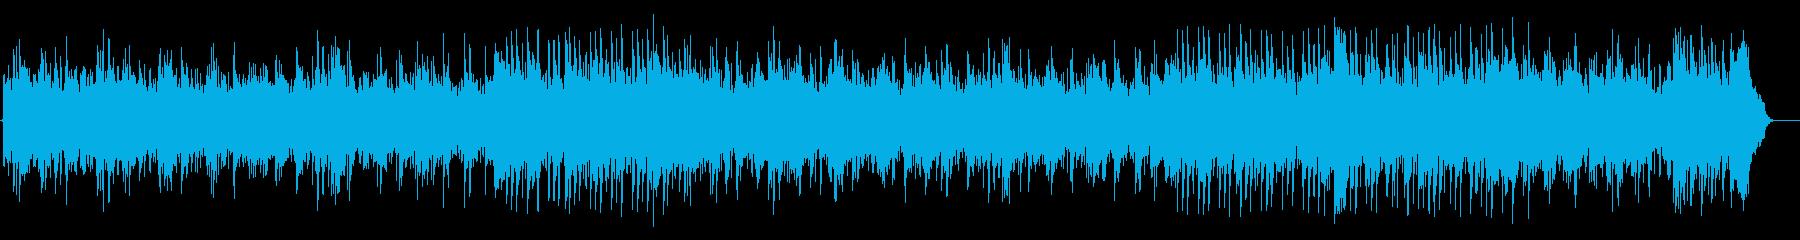 ドキュメント風ポップス(フルサイズ)の再生済みの波形